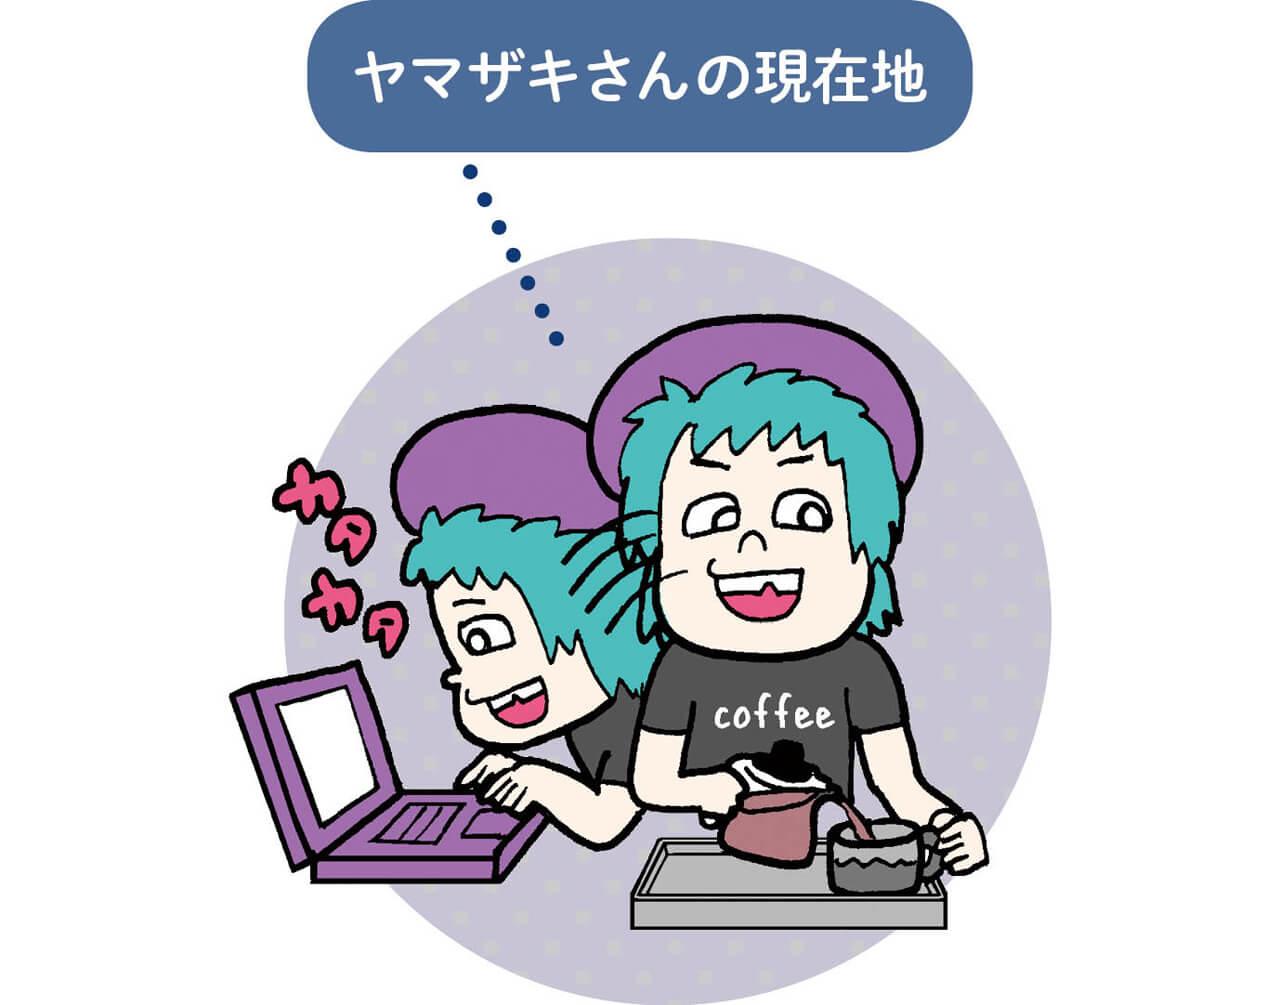 ヤマザキさんの現在地 ヤマザキOKコンピュータさん